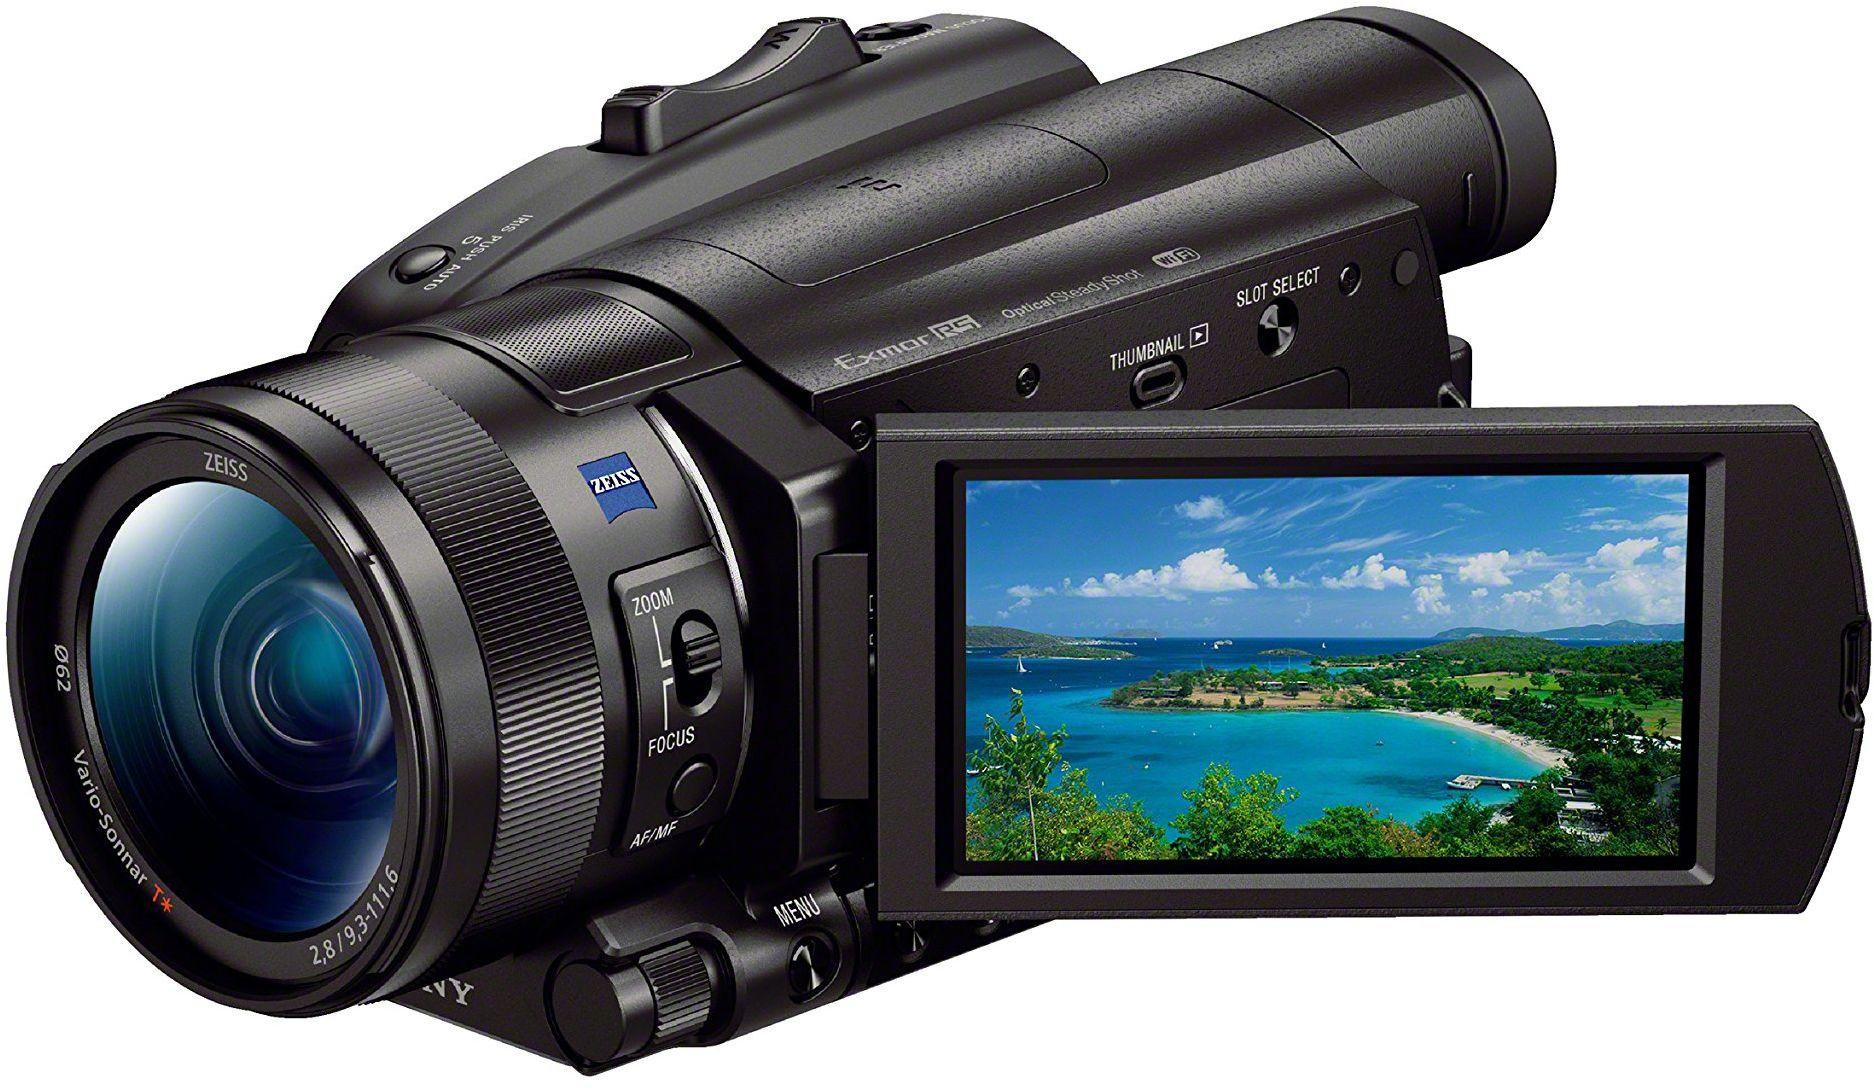 """Sony FDR-AX700 4K HDR, profesjonalna kamera cyfrowa, matryca Exmor RS 1"""", Stabilizacja optyczna B.O.SS, 12 - krotny zoom, 293 punkty autofokus, HLG, S-log2/3."""